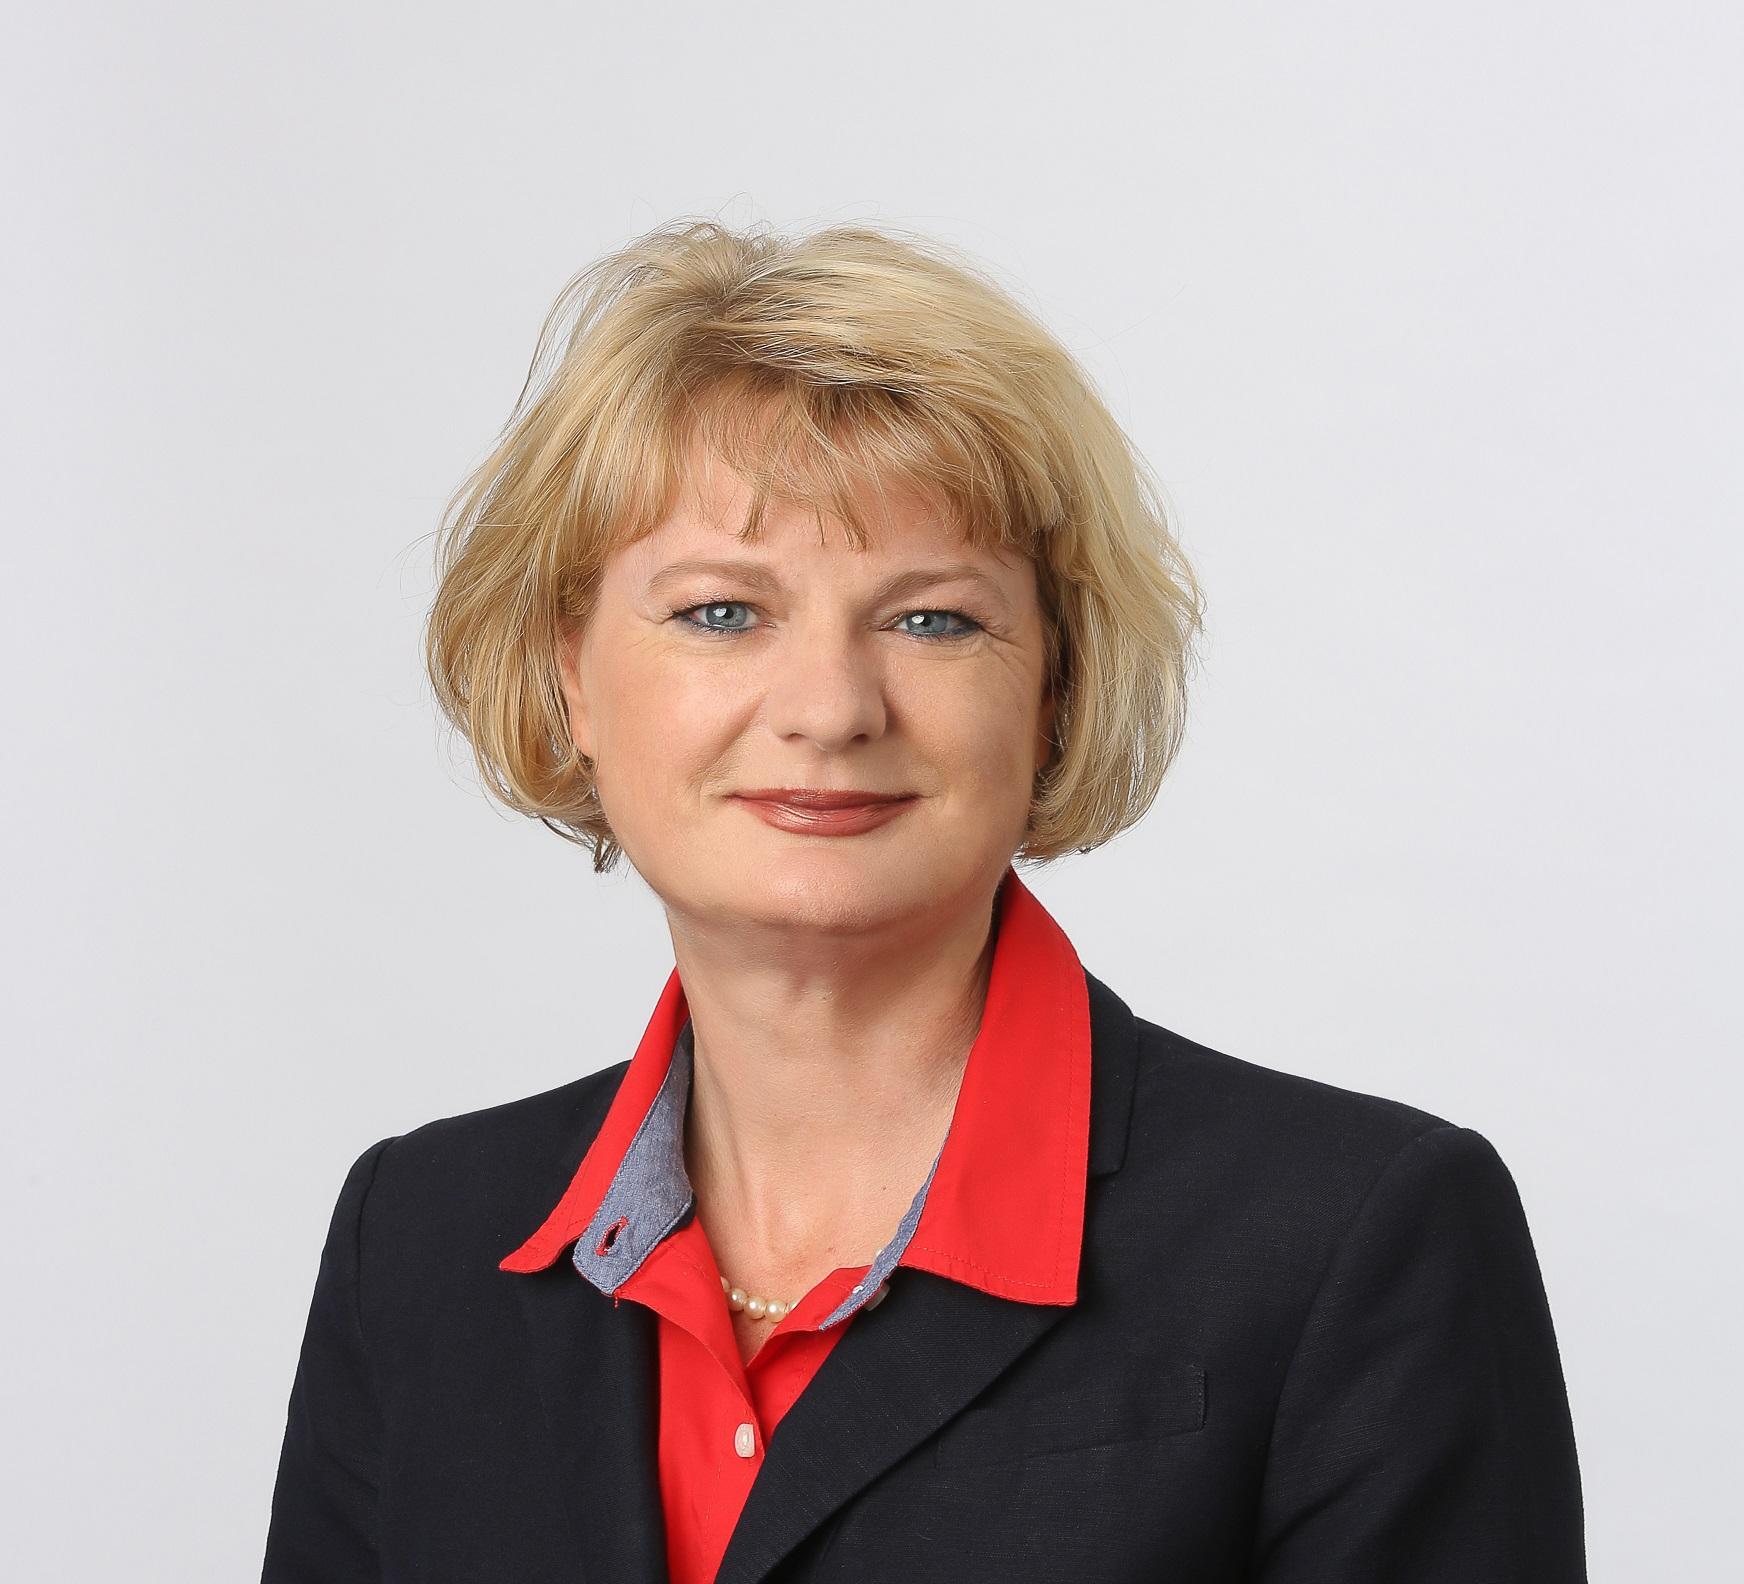 Ursula Krickl